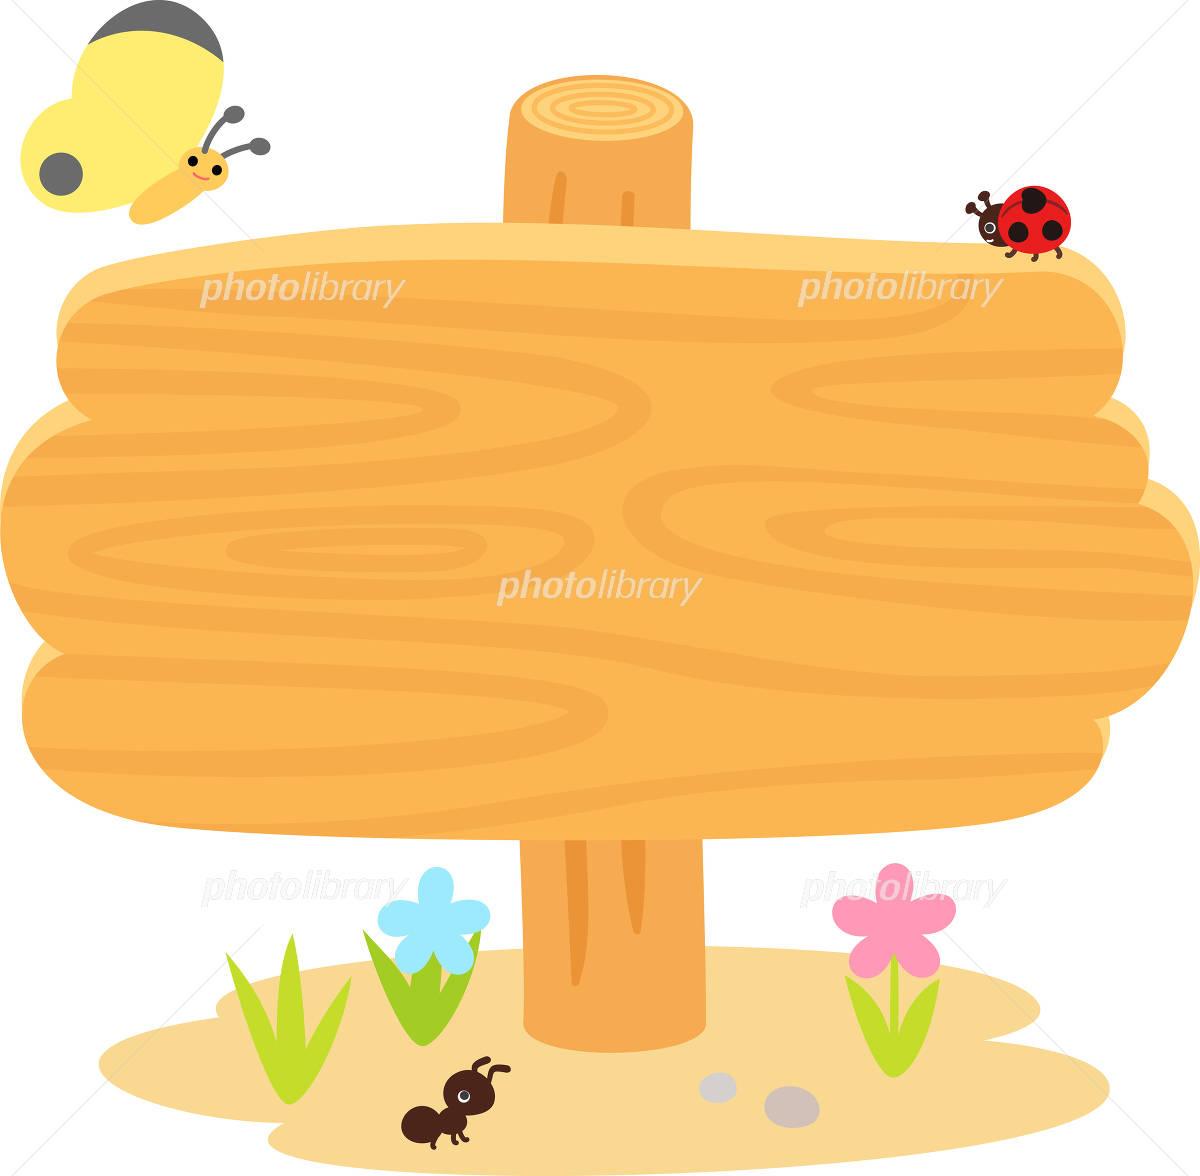 木の立て札と虫 イラスト素材 4912948 フォトライブラリー